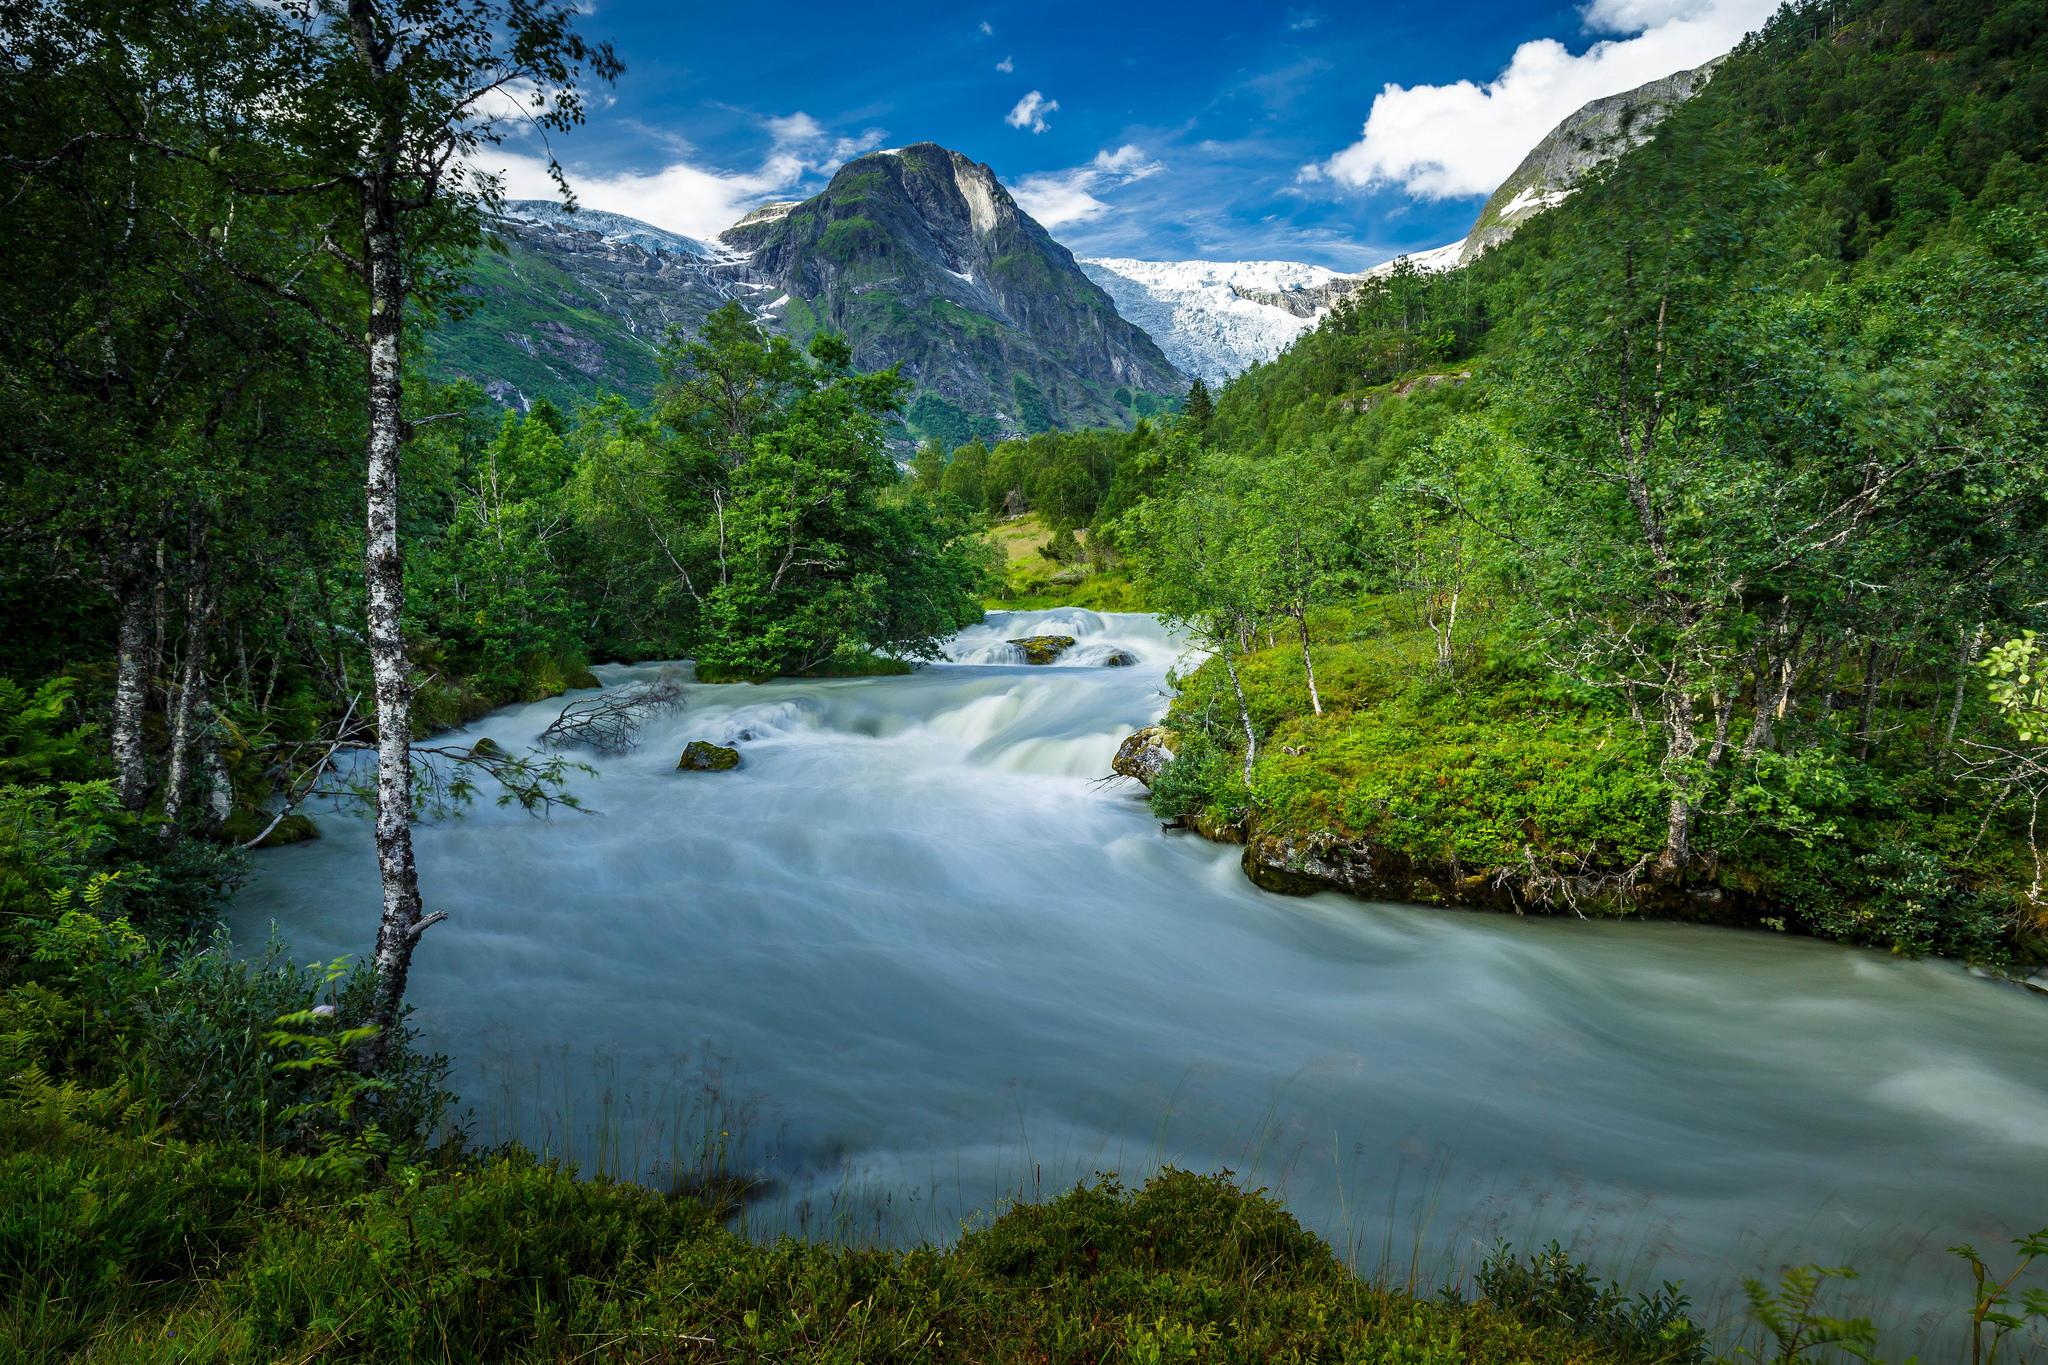 качественные фото гор и рек рф